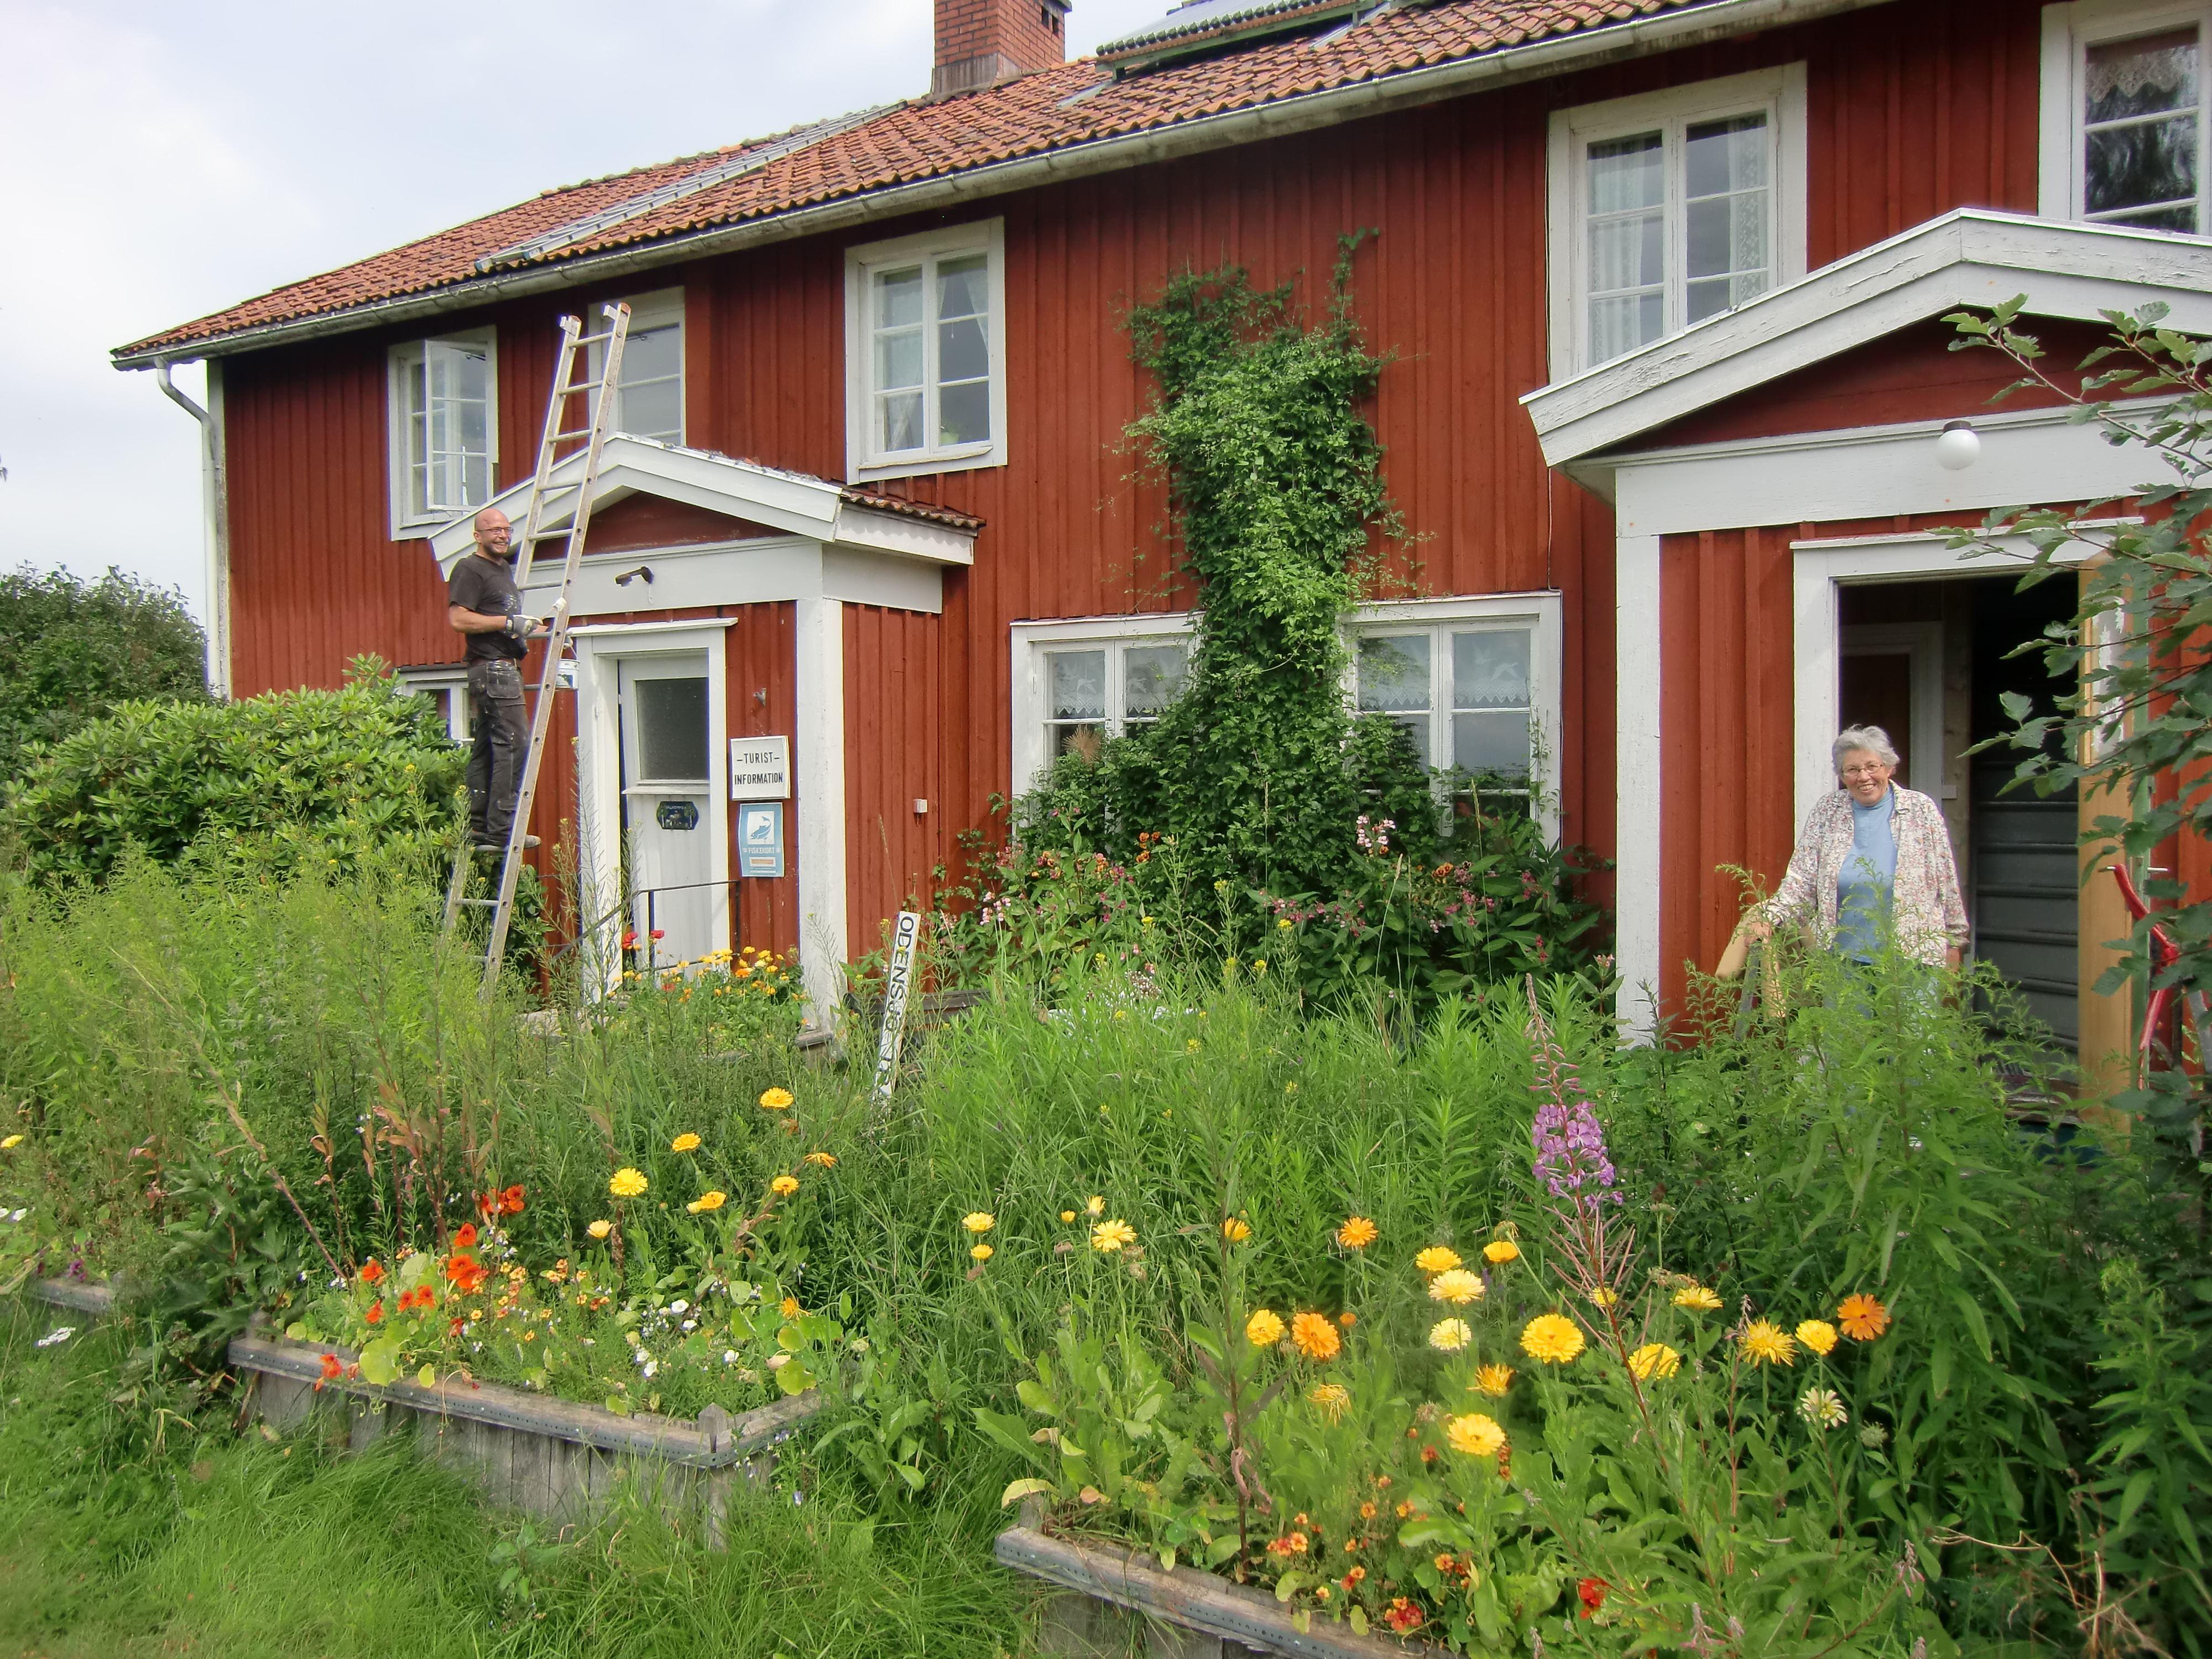 Frstklassiga Odensj Stllen att bo och - Airbnb